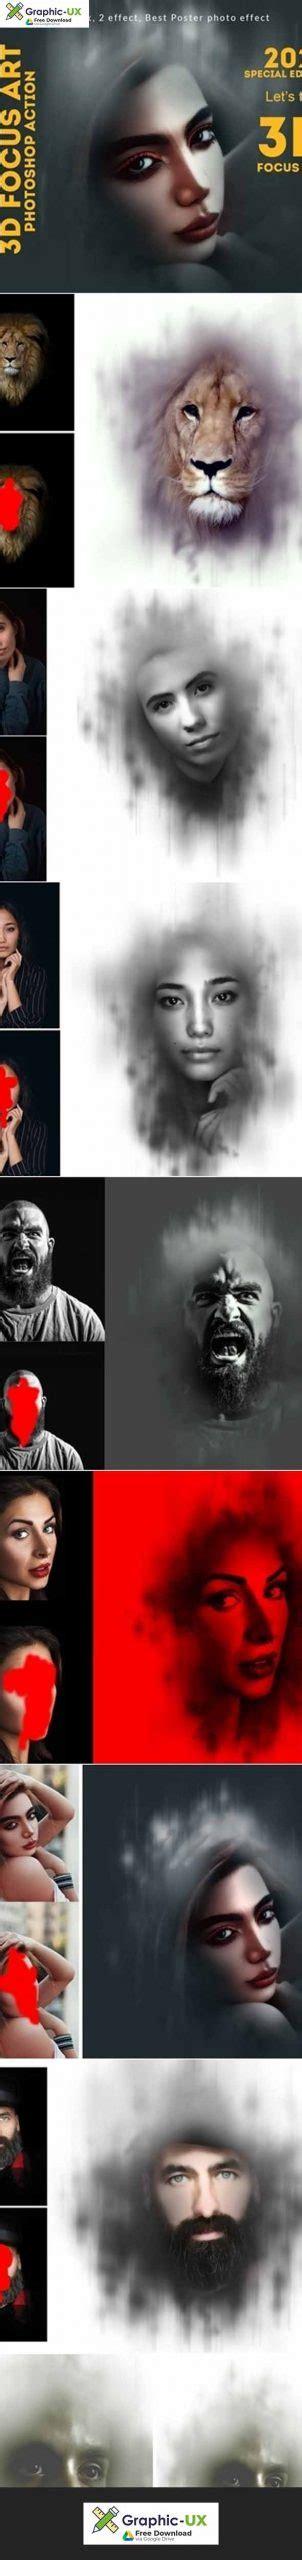 focus art effect photoshop action graphicux